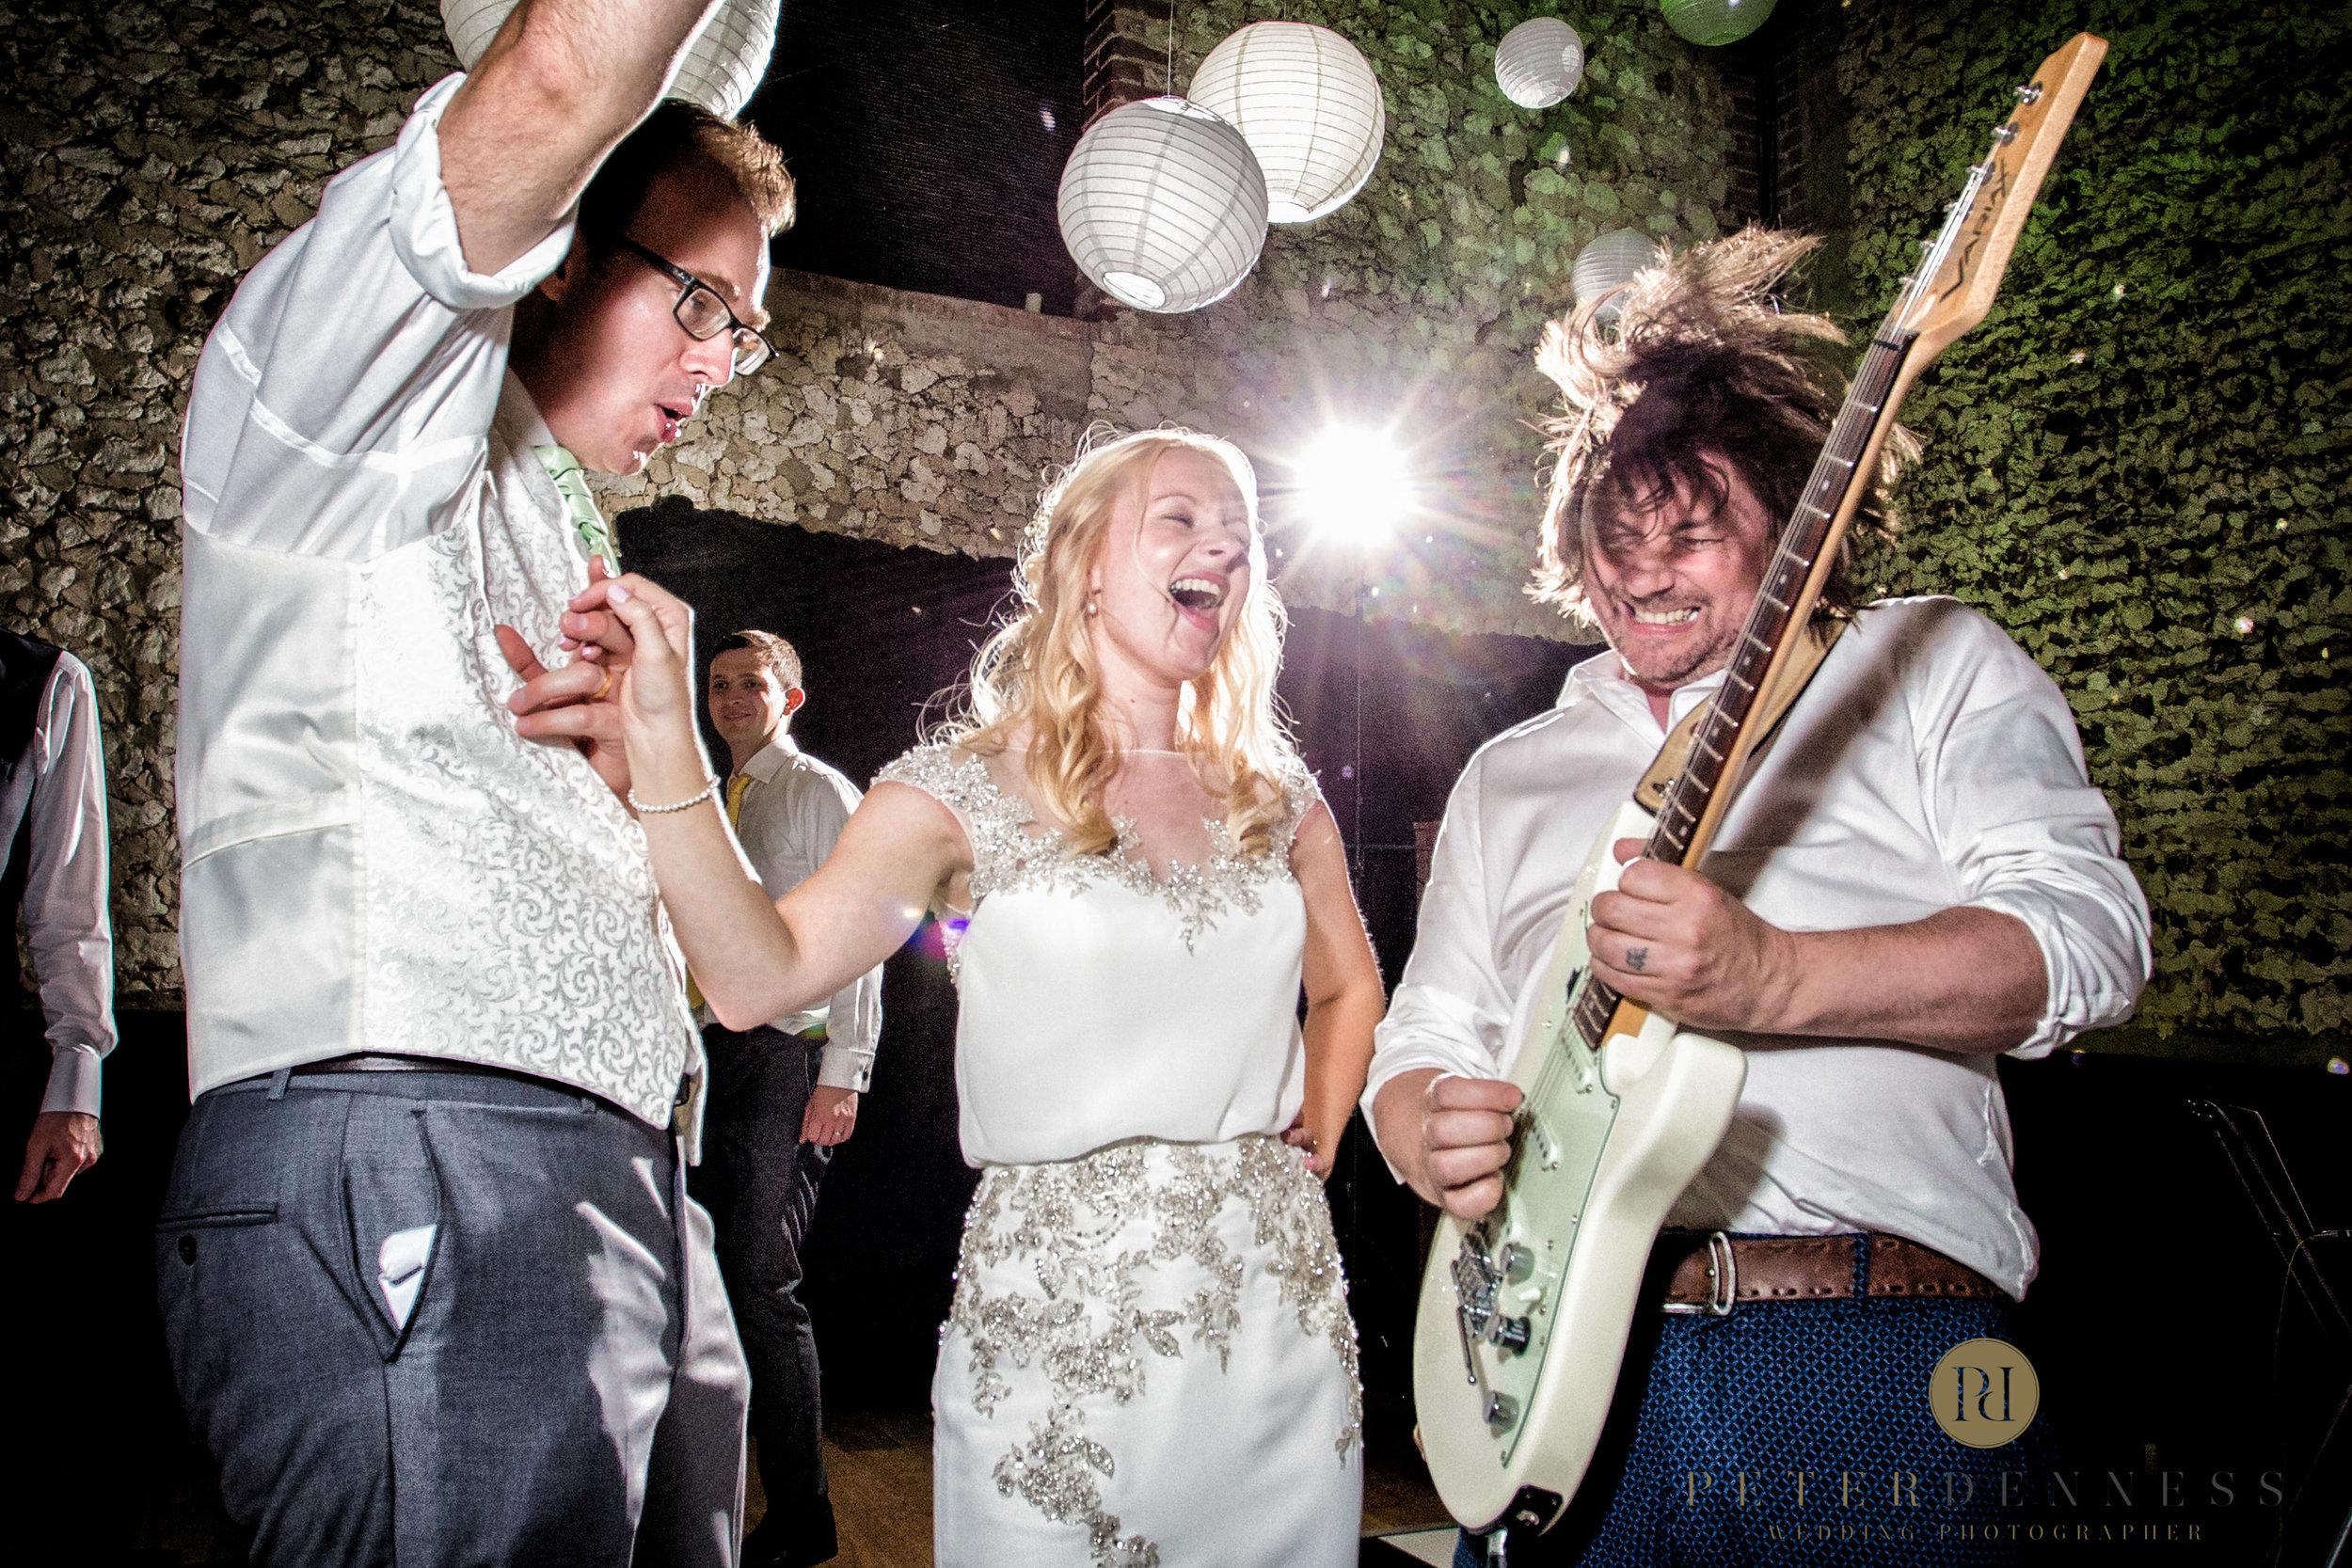 Peter Denness Wedding Photographer (1 of 1).jpg